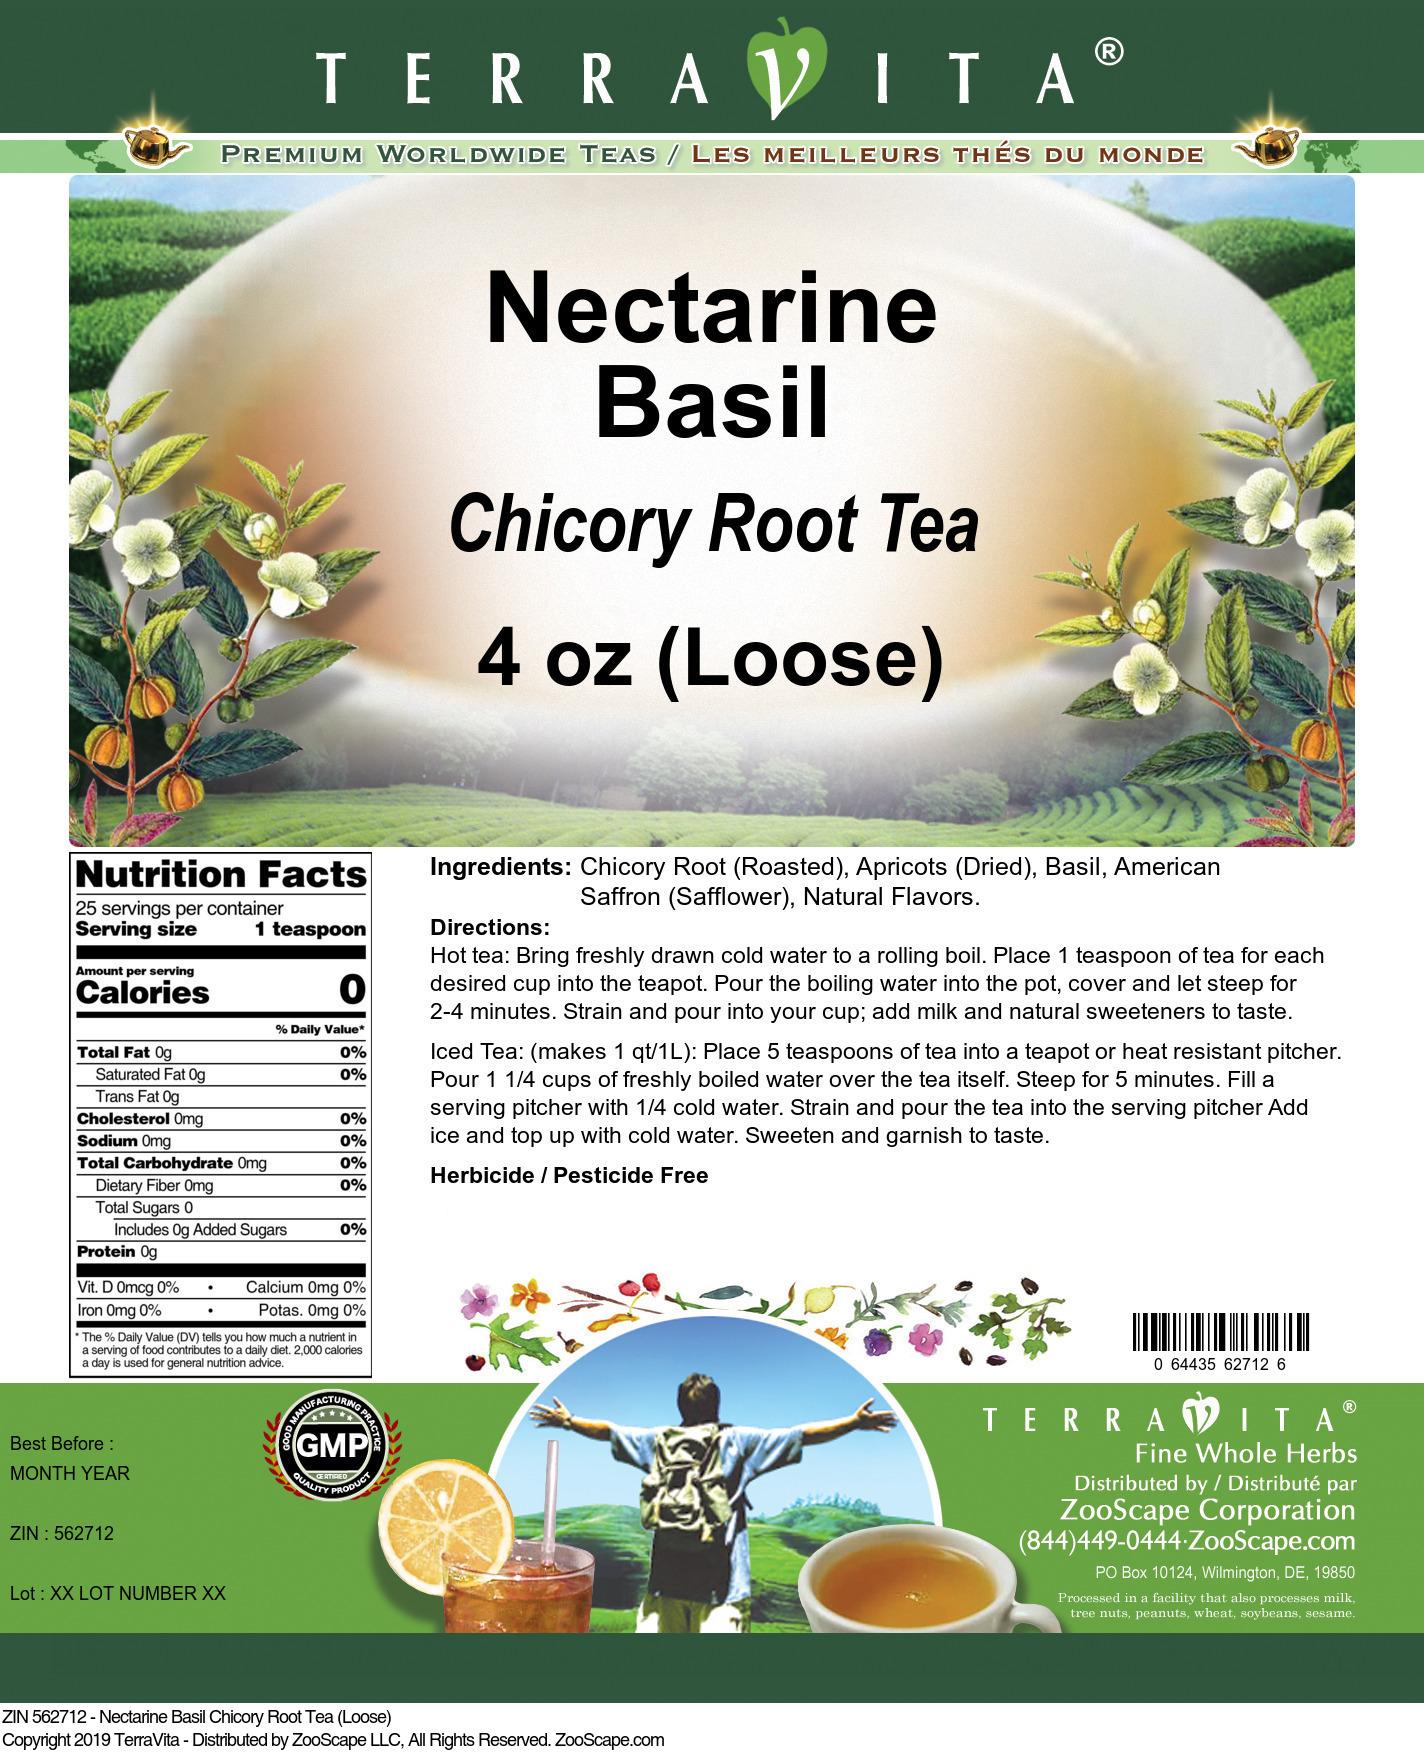 Nectarine Basil Chicory Root